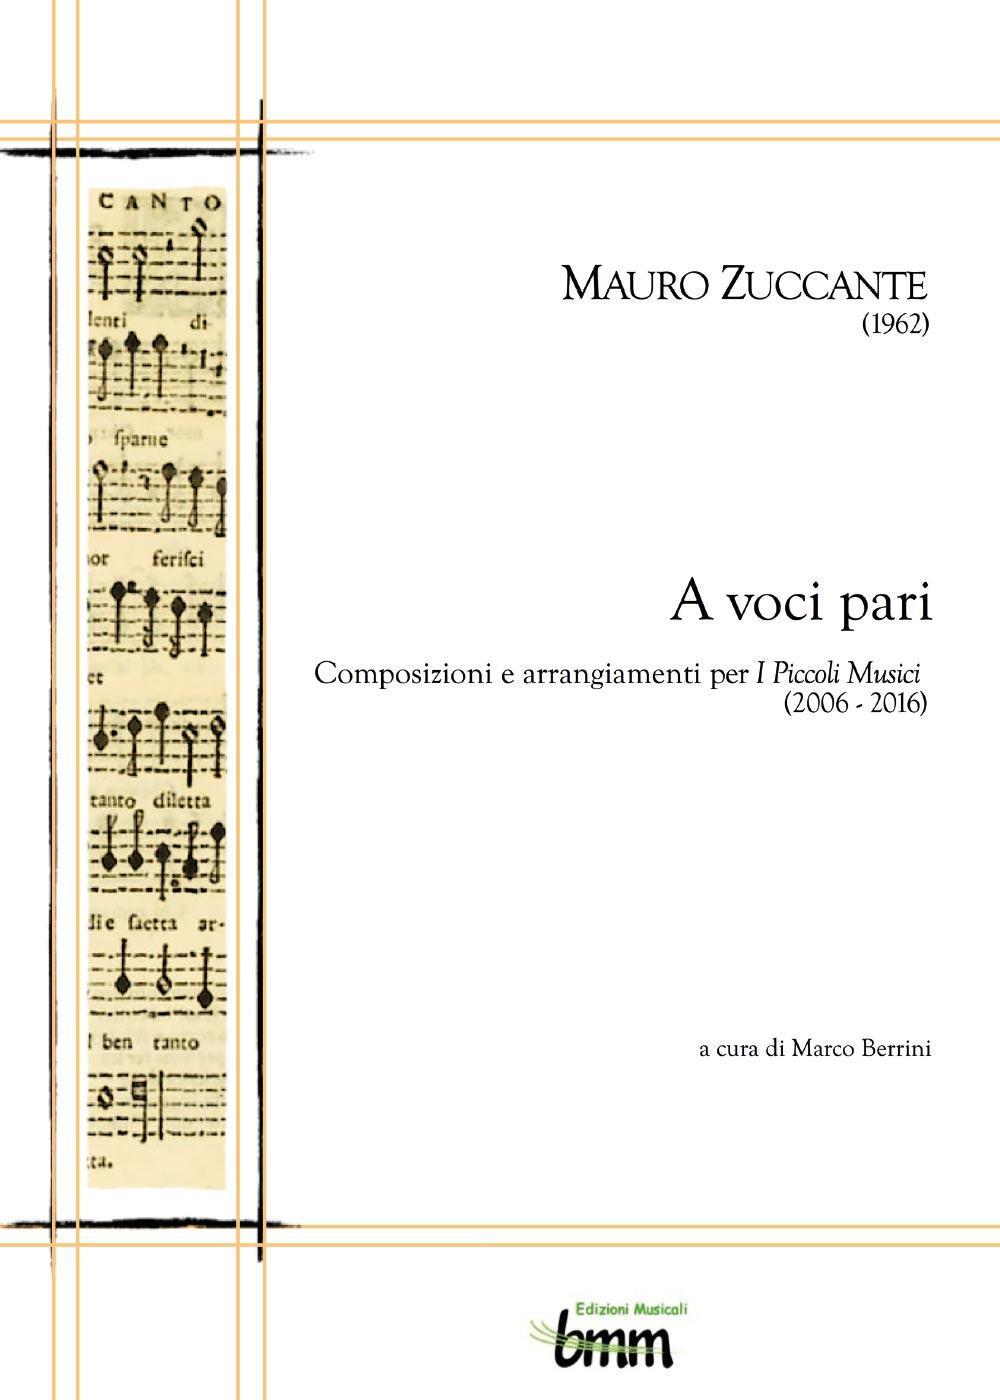 Mauro Zuccante A voci pari - Composizioni e arrangiamenti per I Piccoli Musici (2006 - 2016)